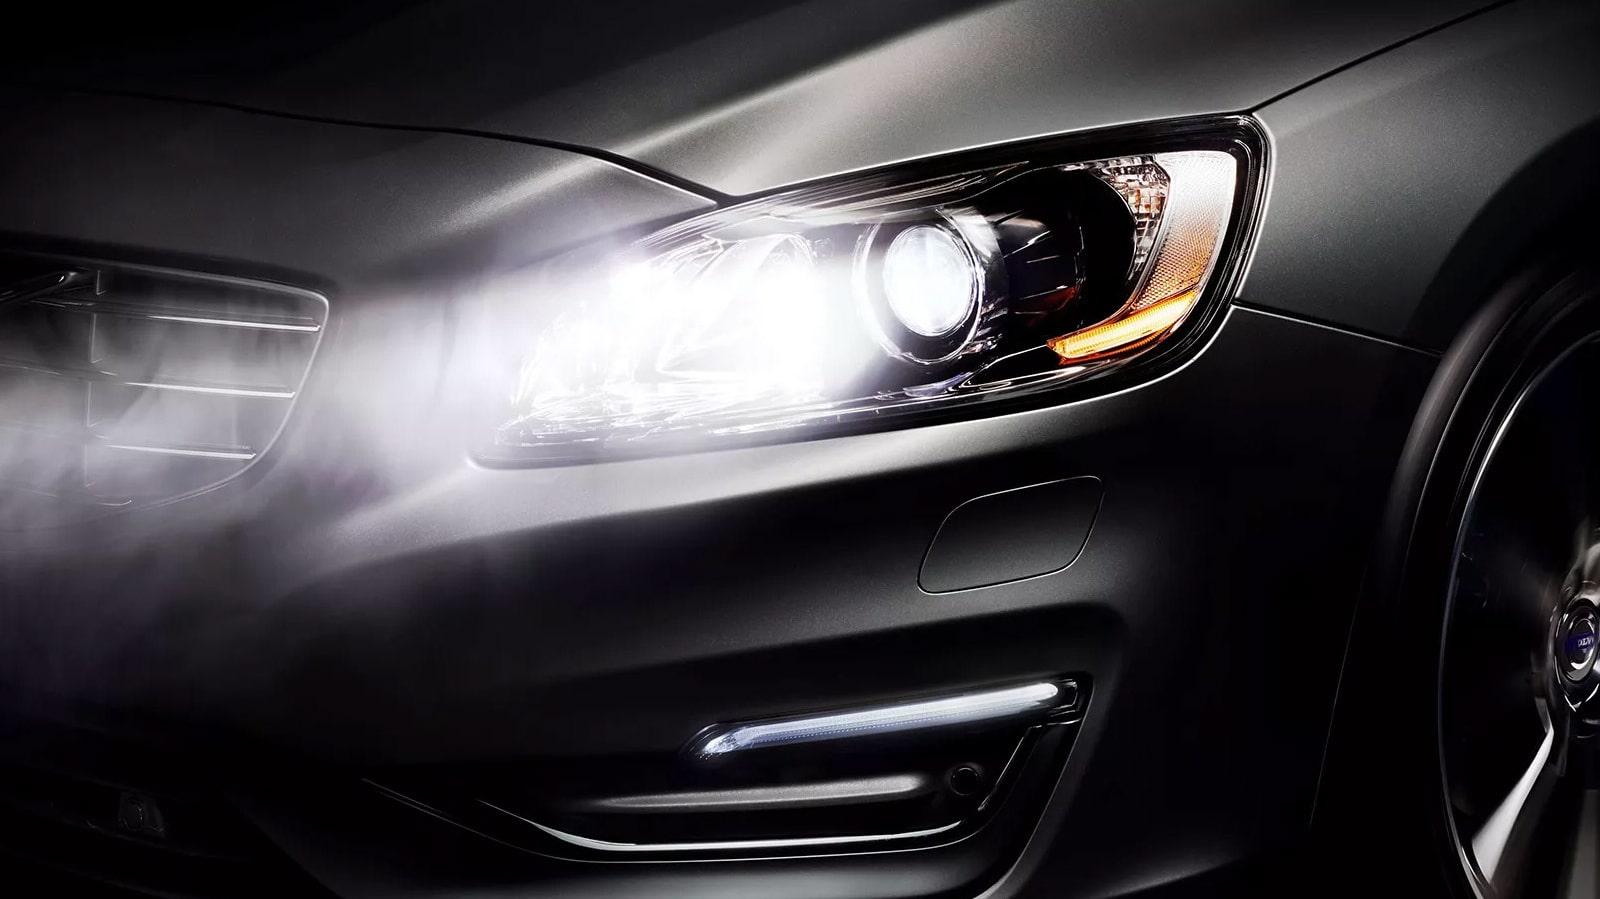 Belysning och lampor till din bil Köp nya billampor online